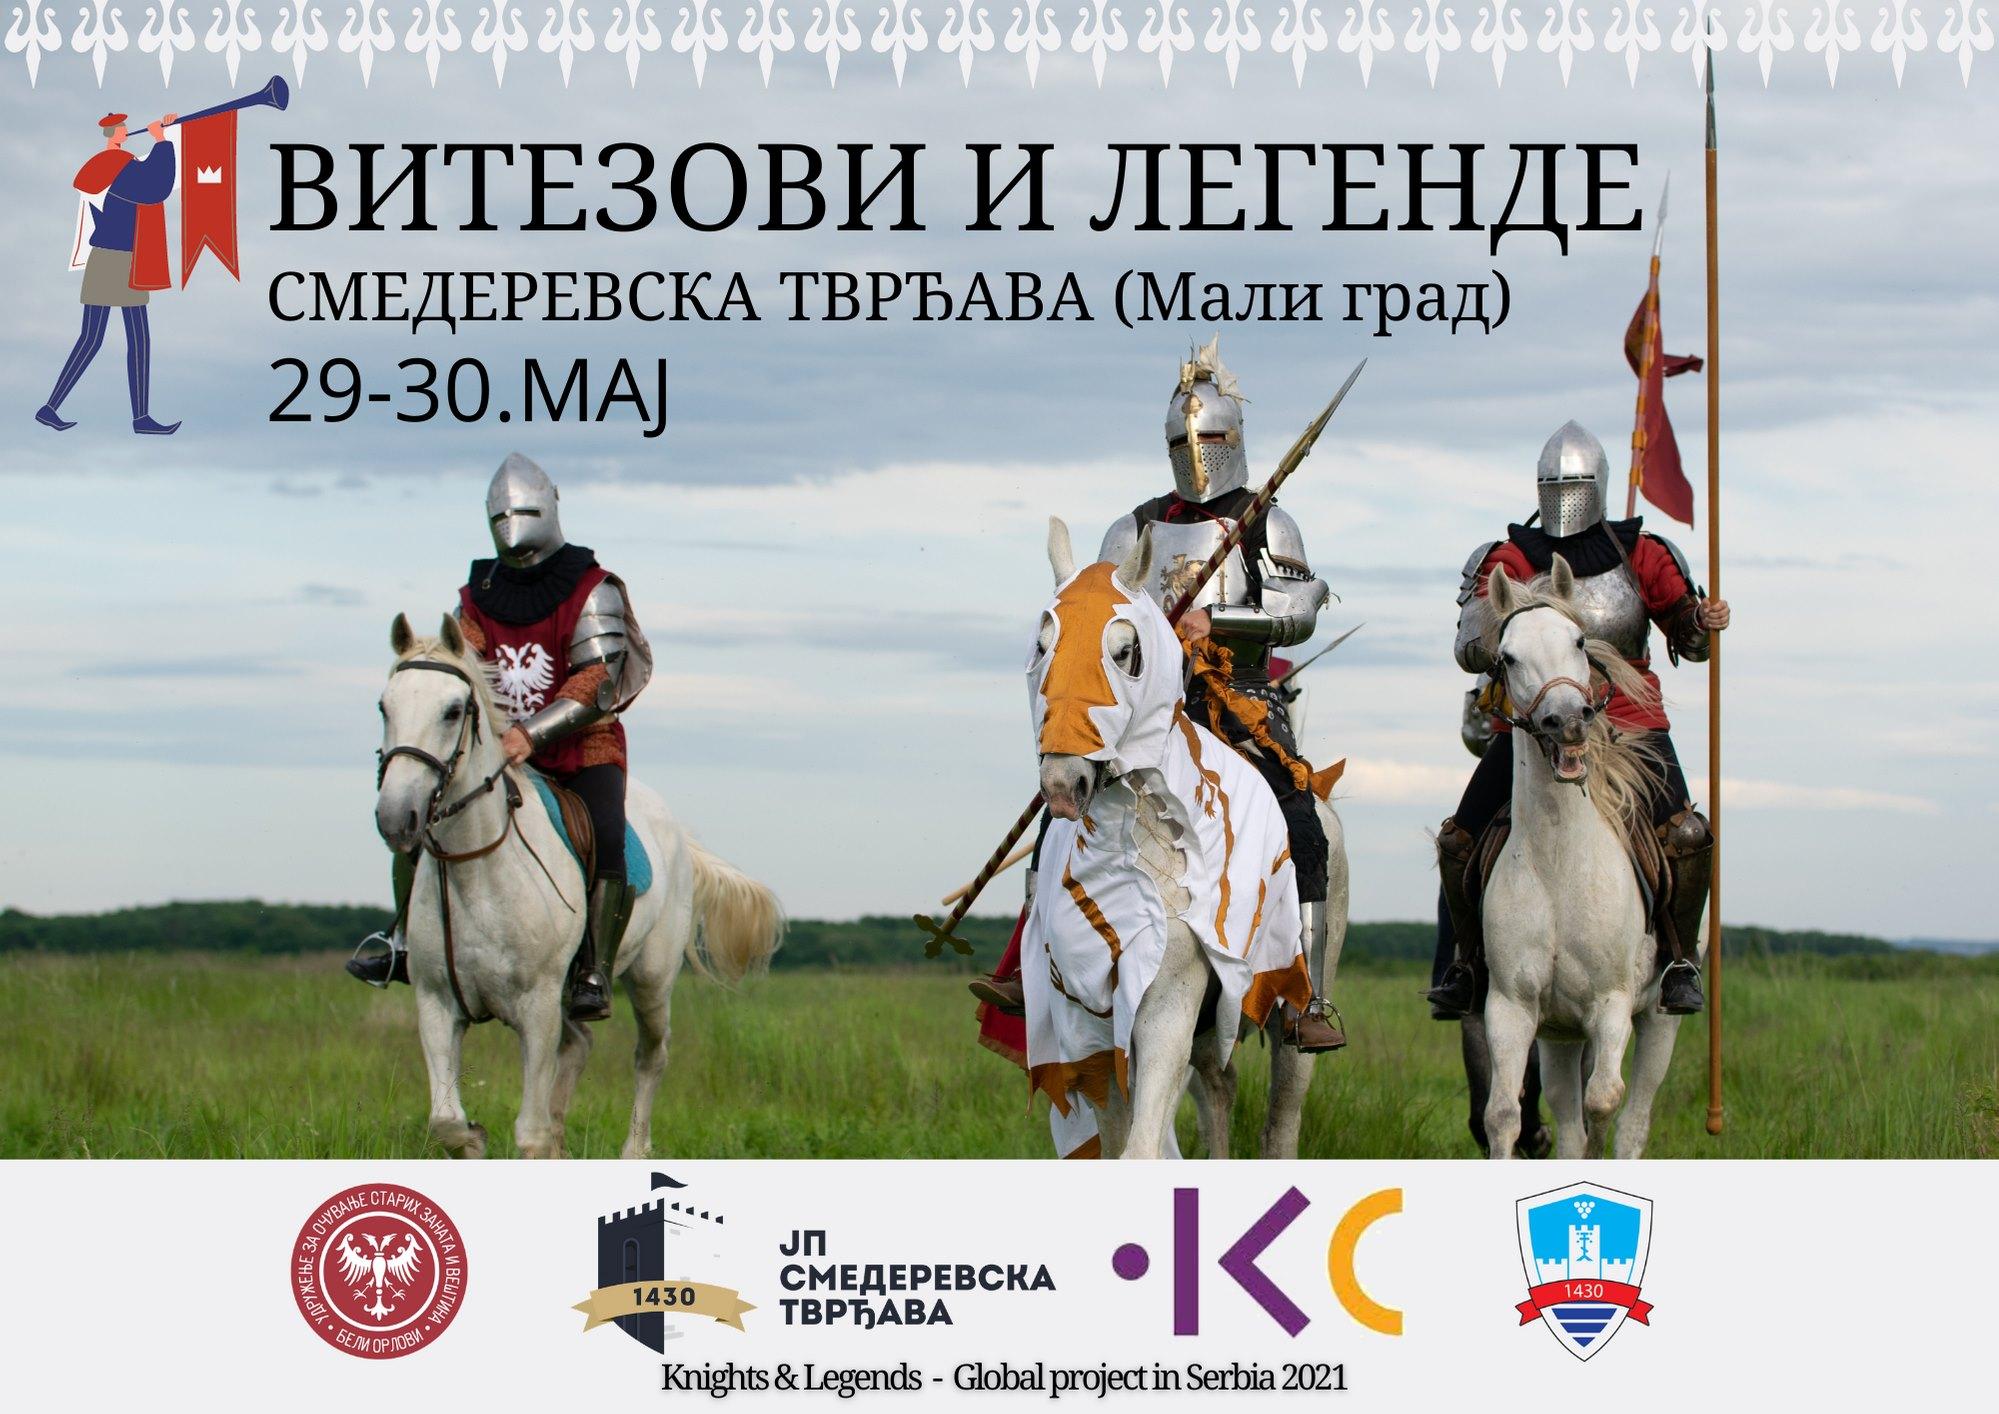 plakat-festival-vitezovi-i-legende-2021-smederevo